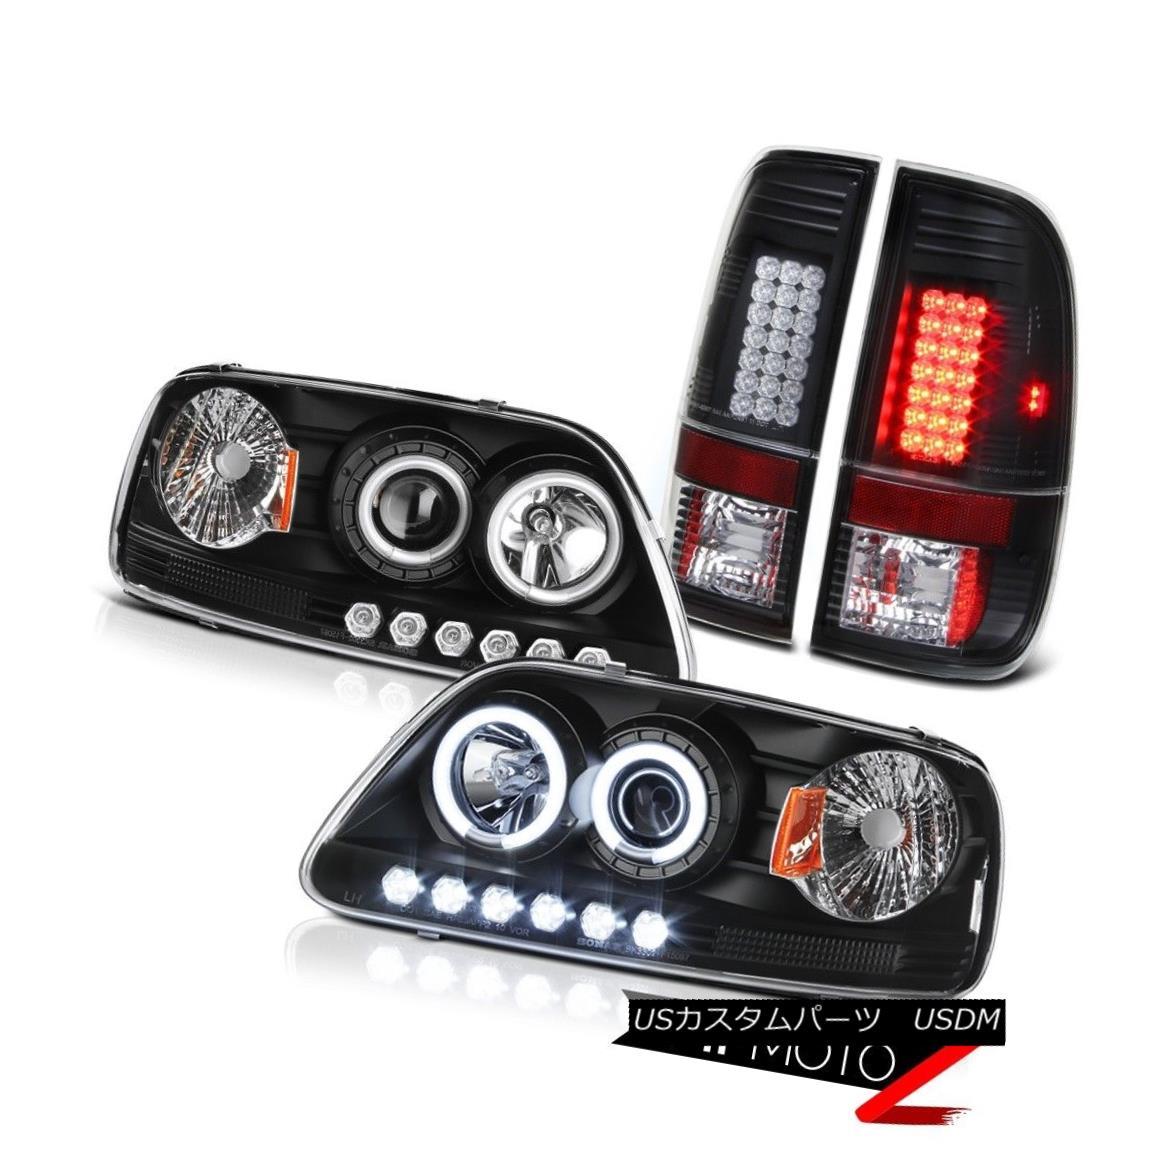 テールライト Devil Eye CCFL Halo Headlight 1999 2000 2001 F150 Hertiage Black LED Tail Lights デビルアイCCFL Haloヘッドライト1999 2000 2001 F150 Heritage Black LEDテールライト